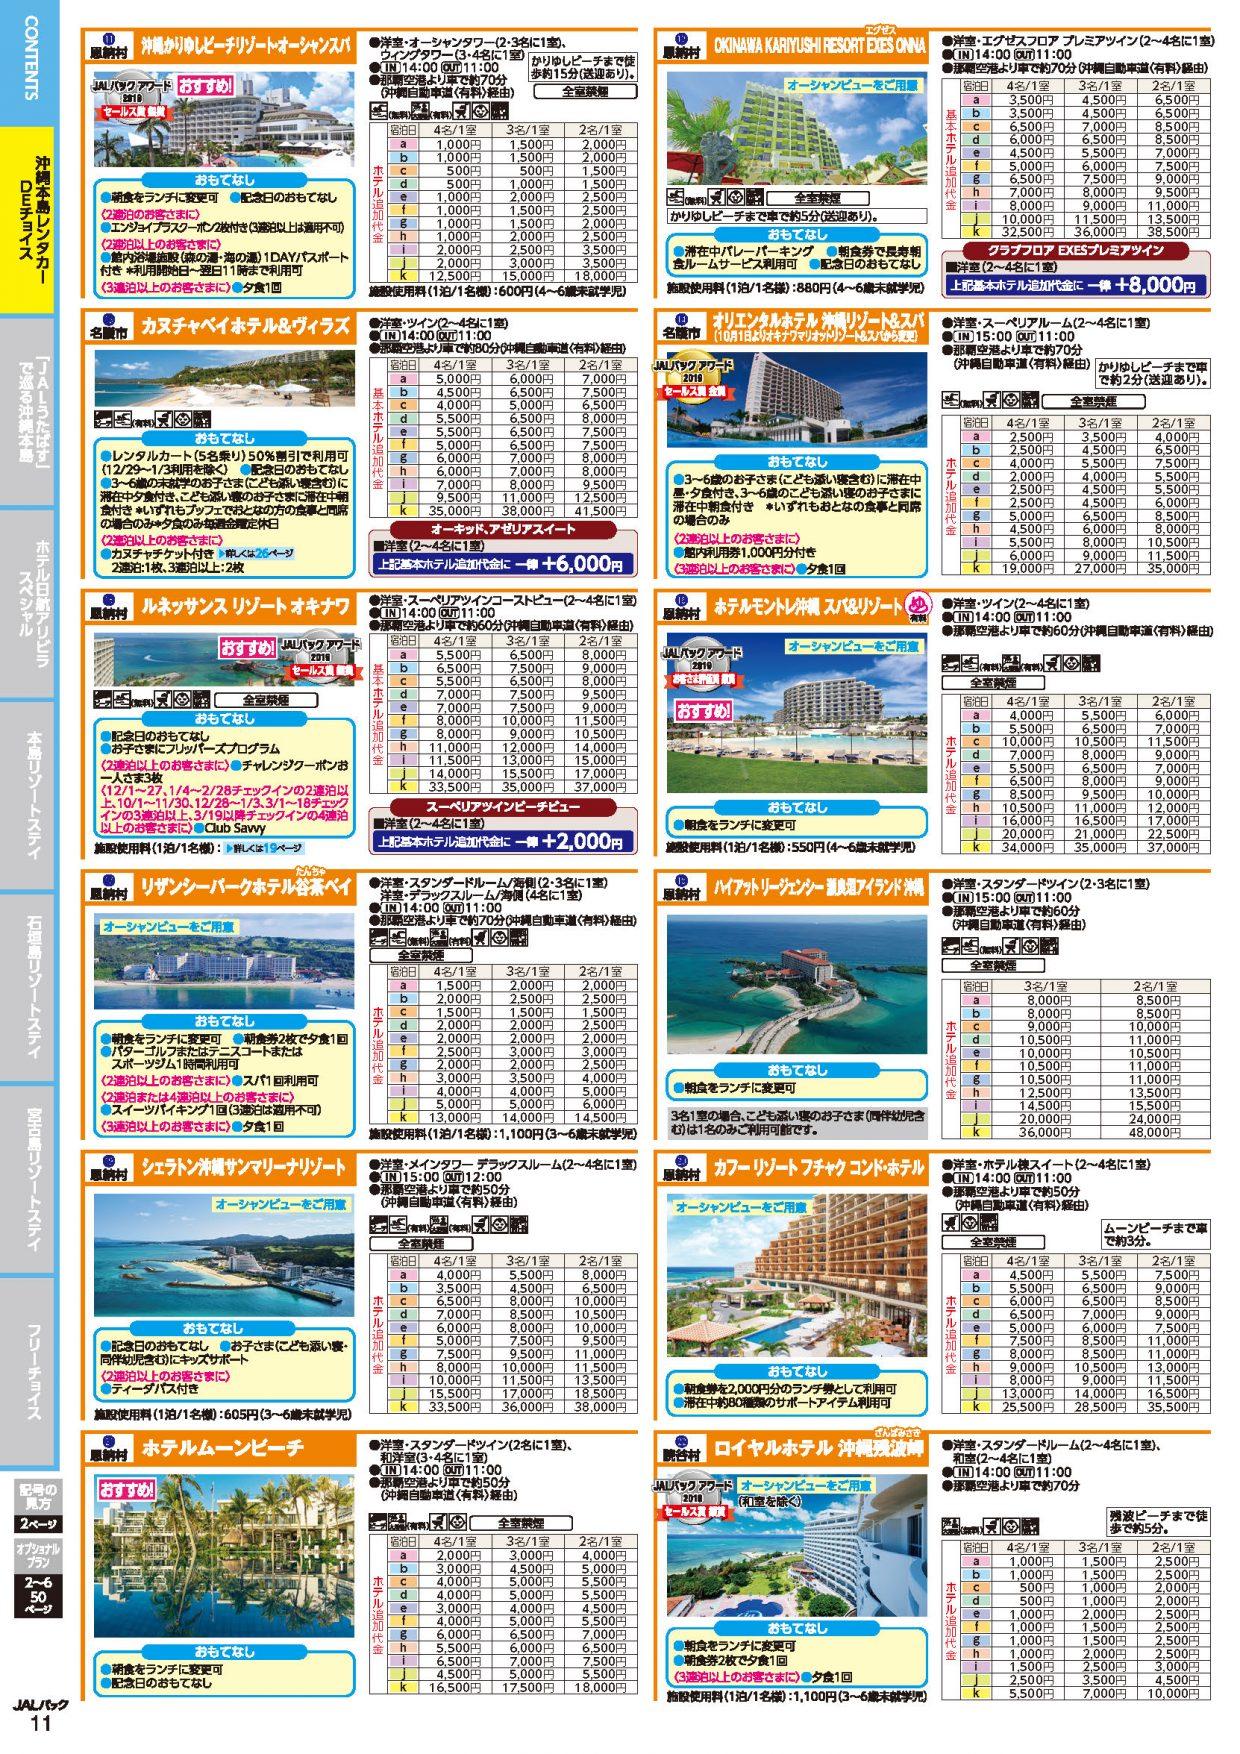 JALで行く沖縄パンフ5